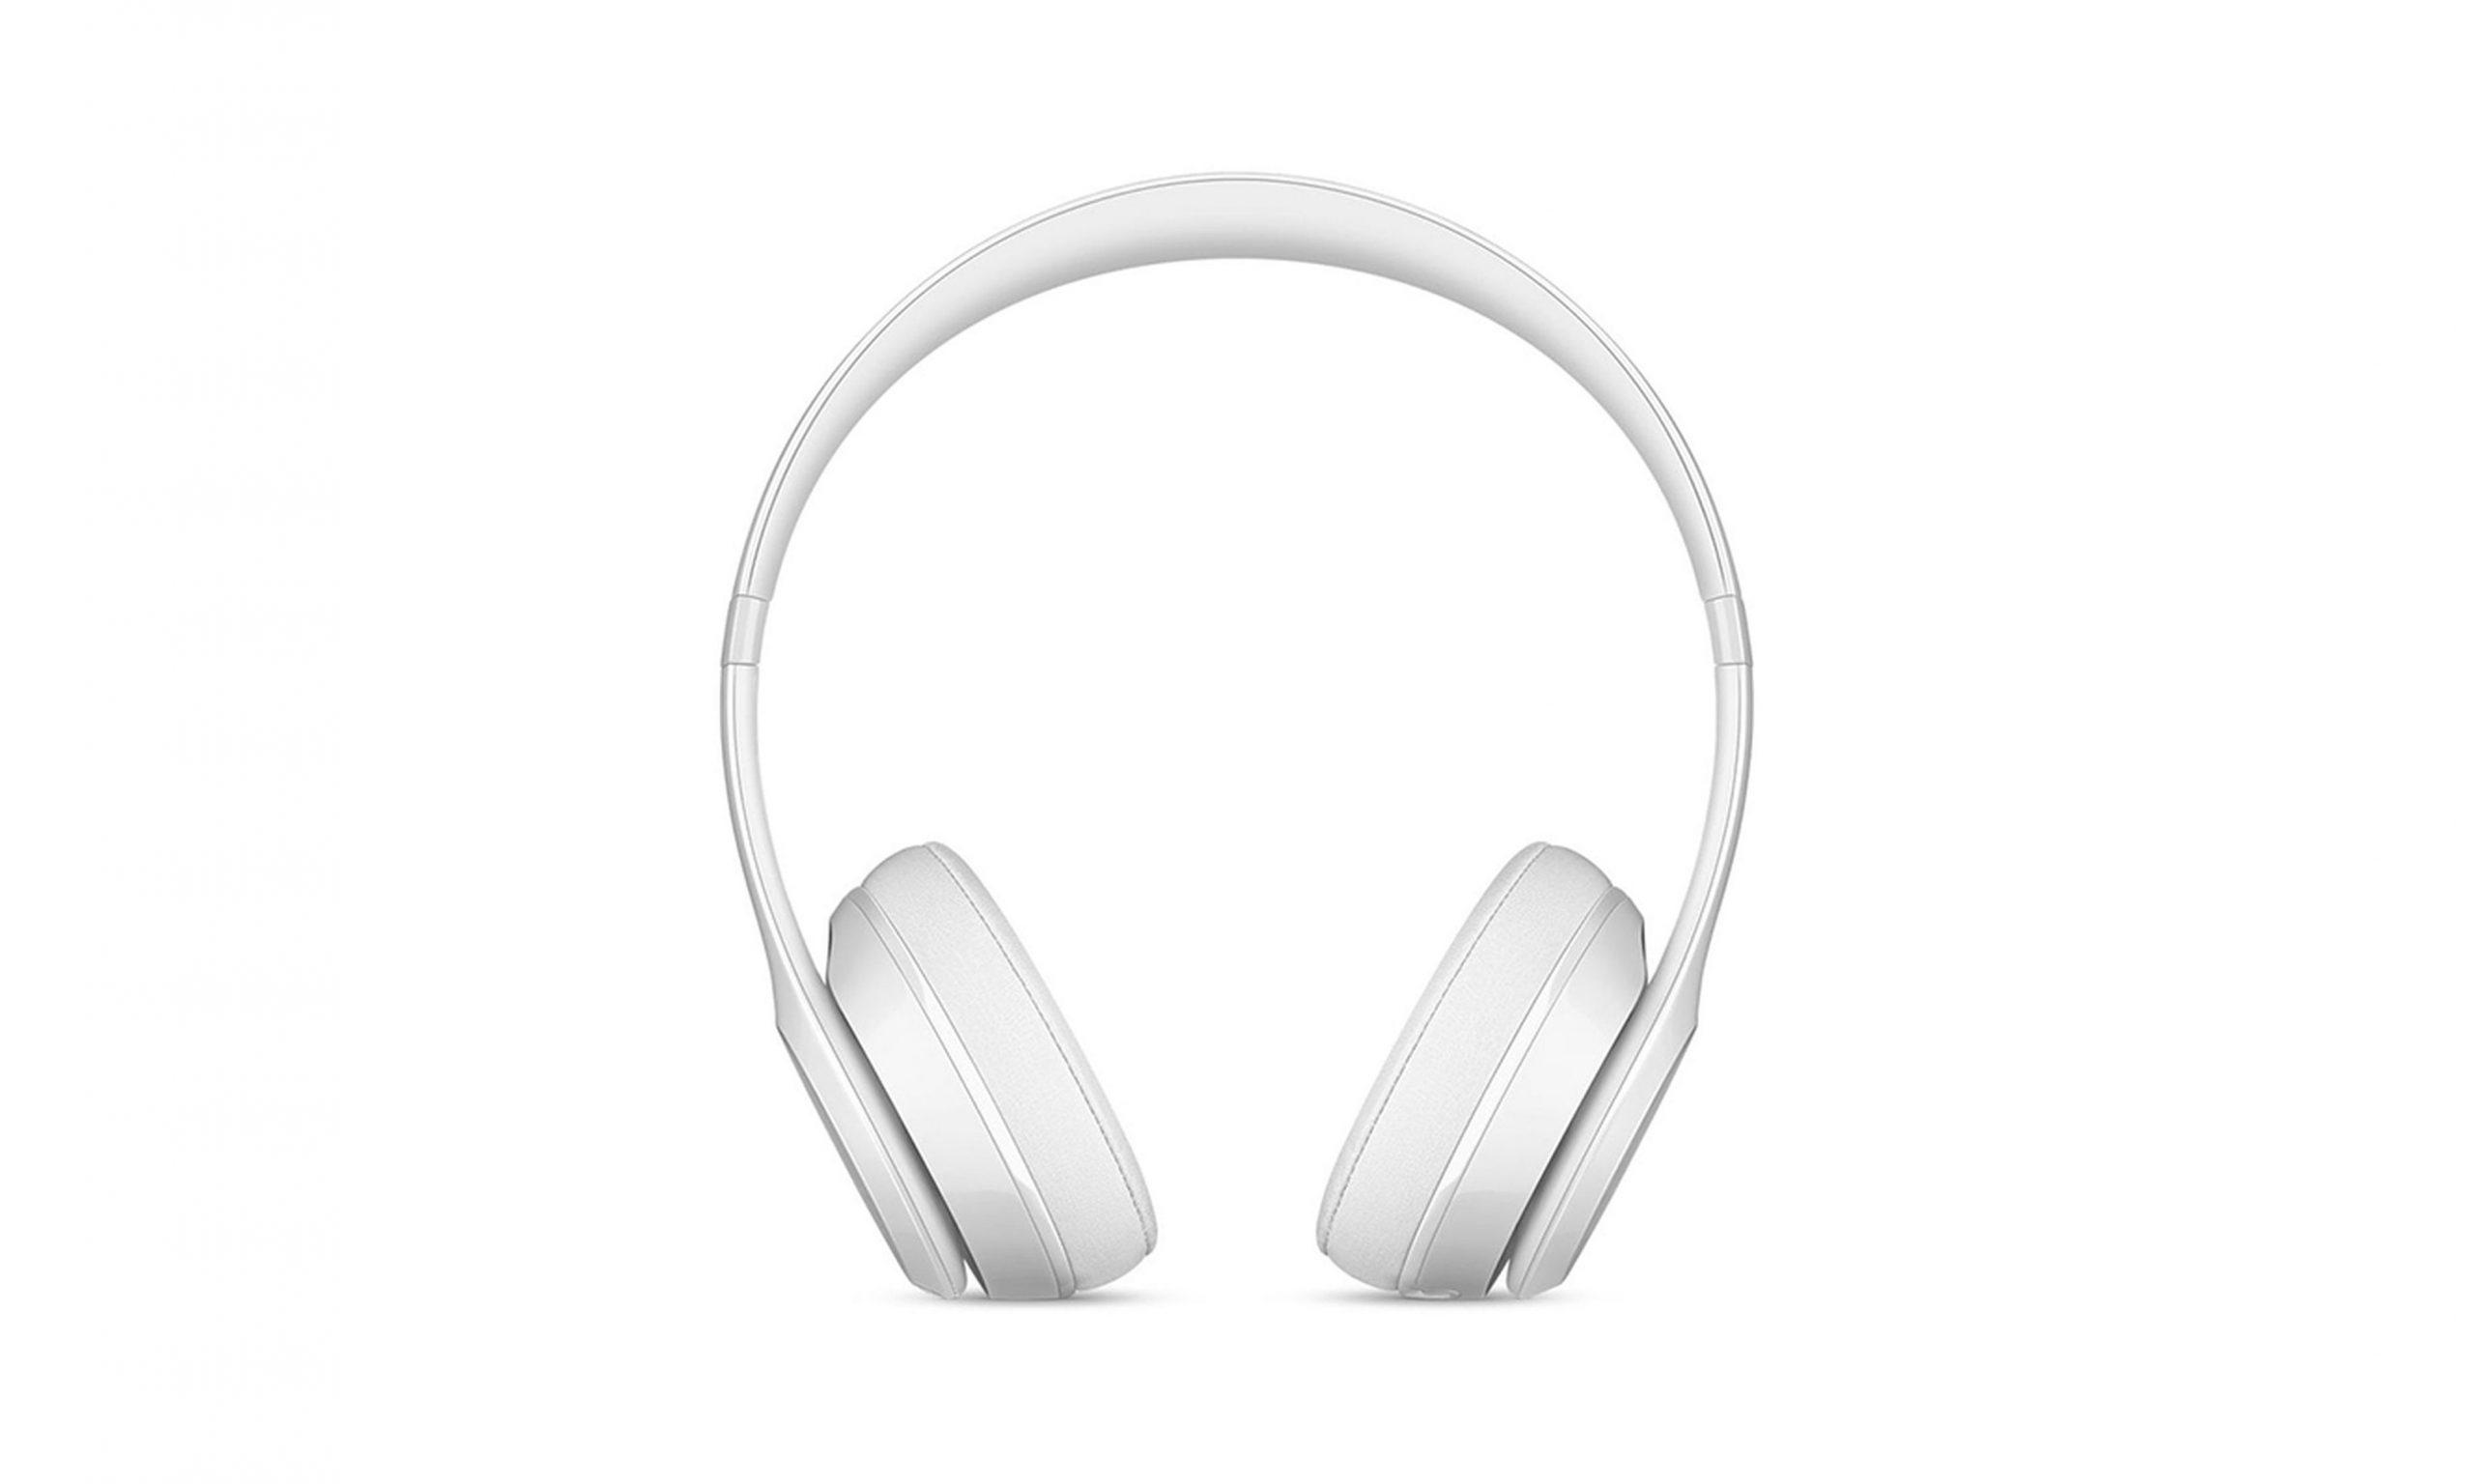 苹果可能在今年发布首款头戴式耳机,支持降噪触控